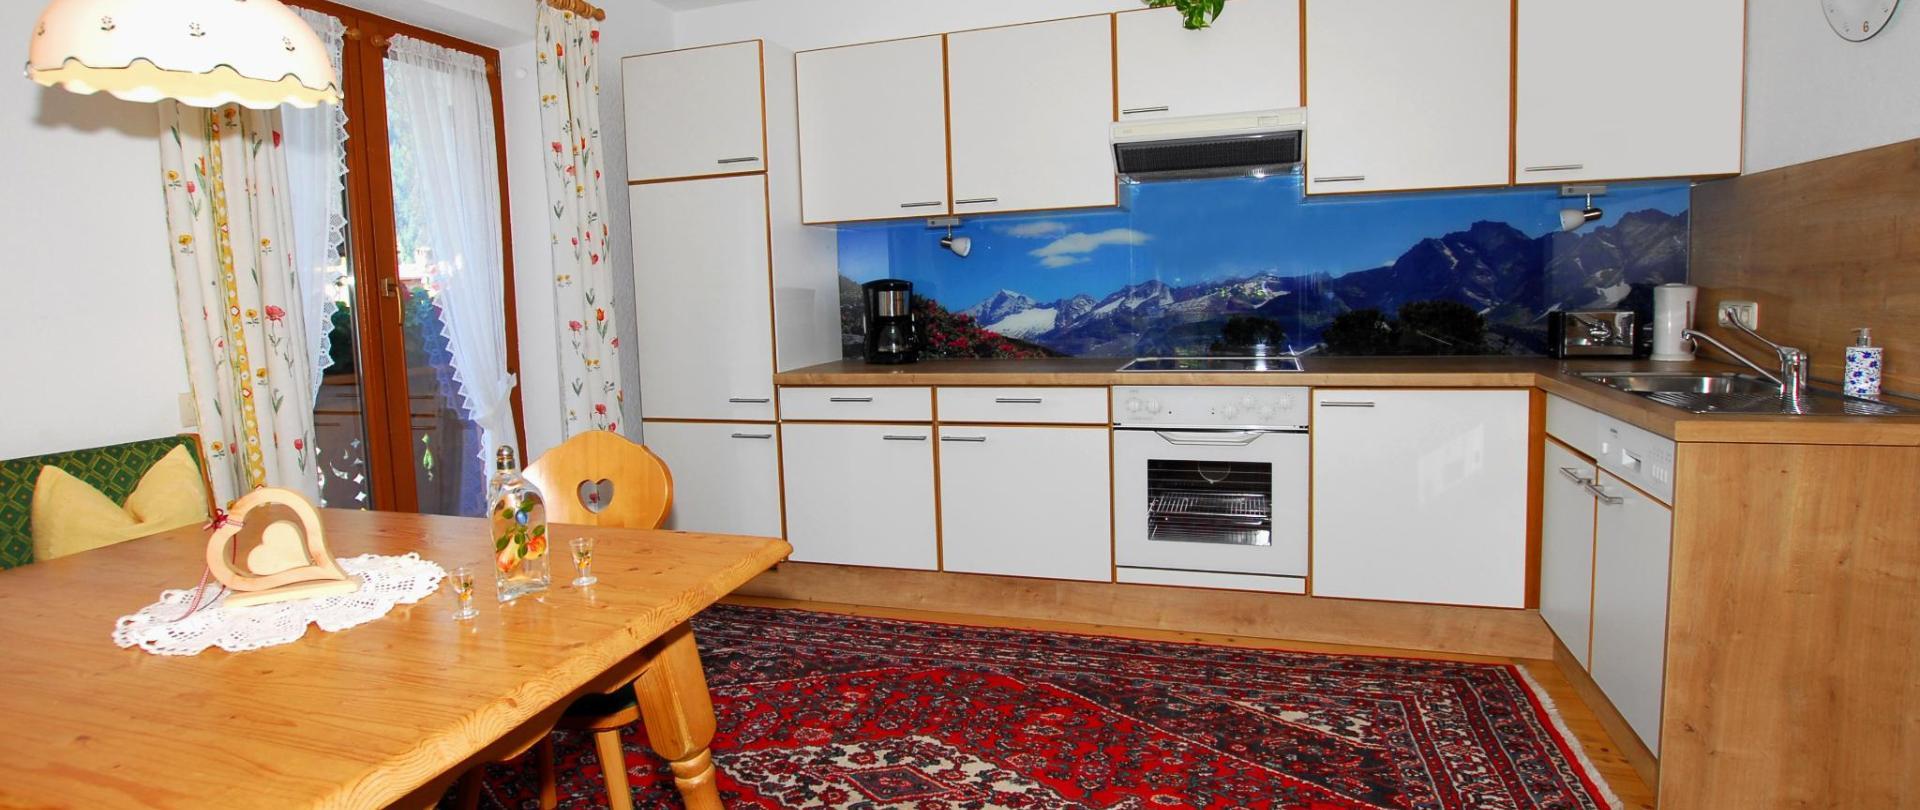 Ahorn Küche Fav..JPG